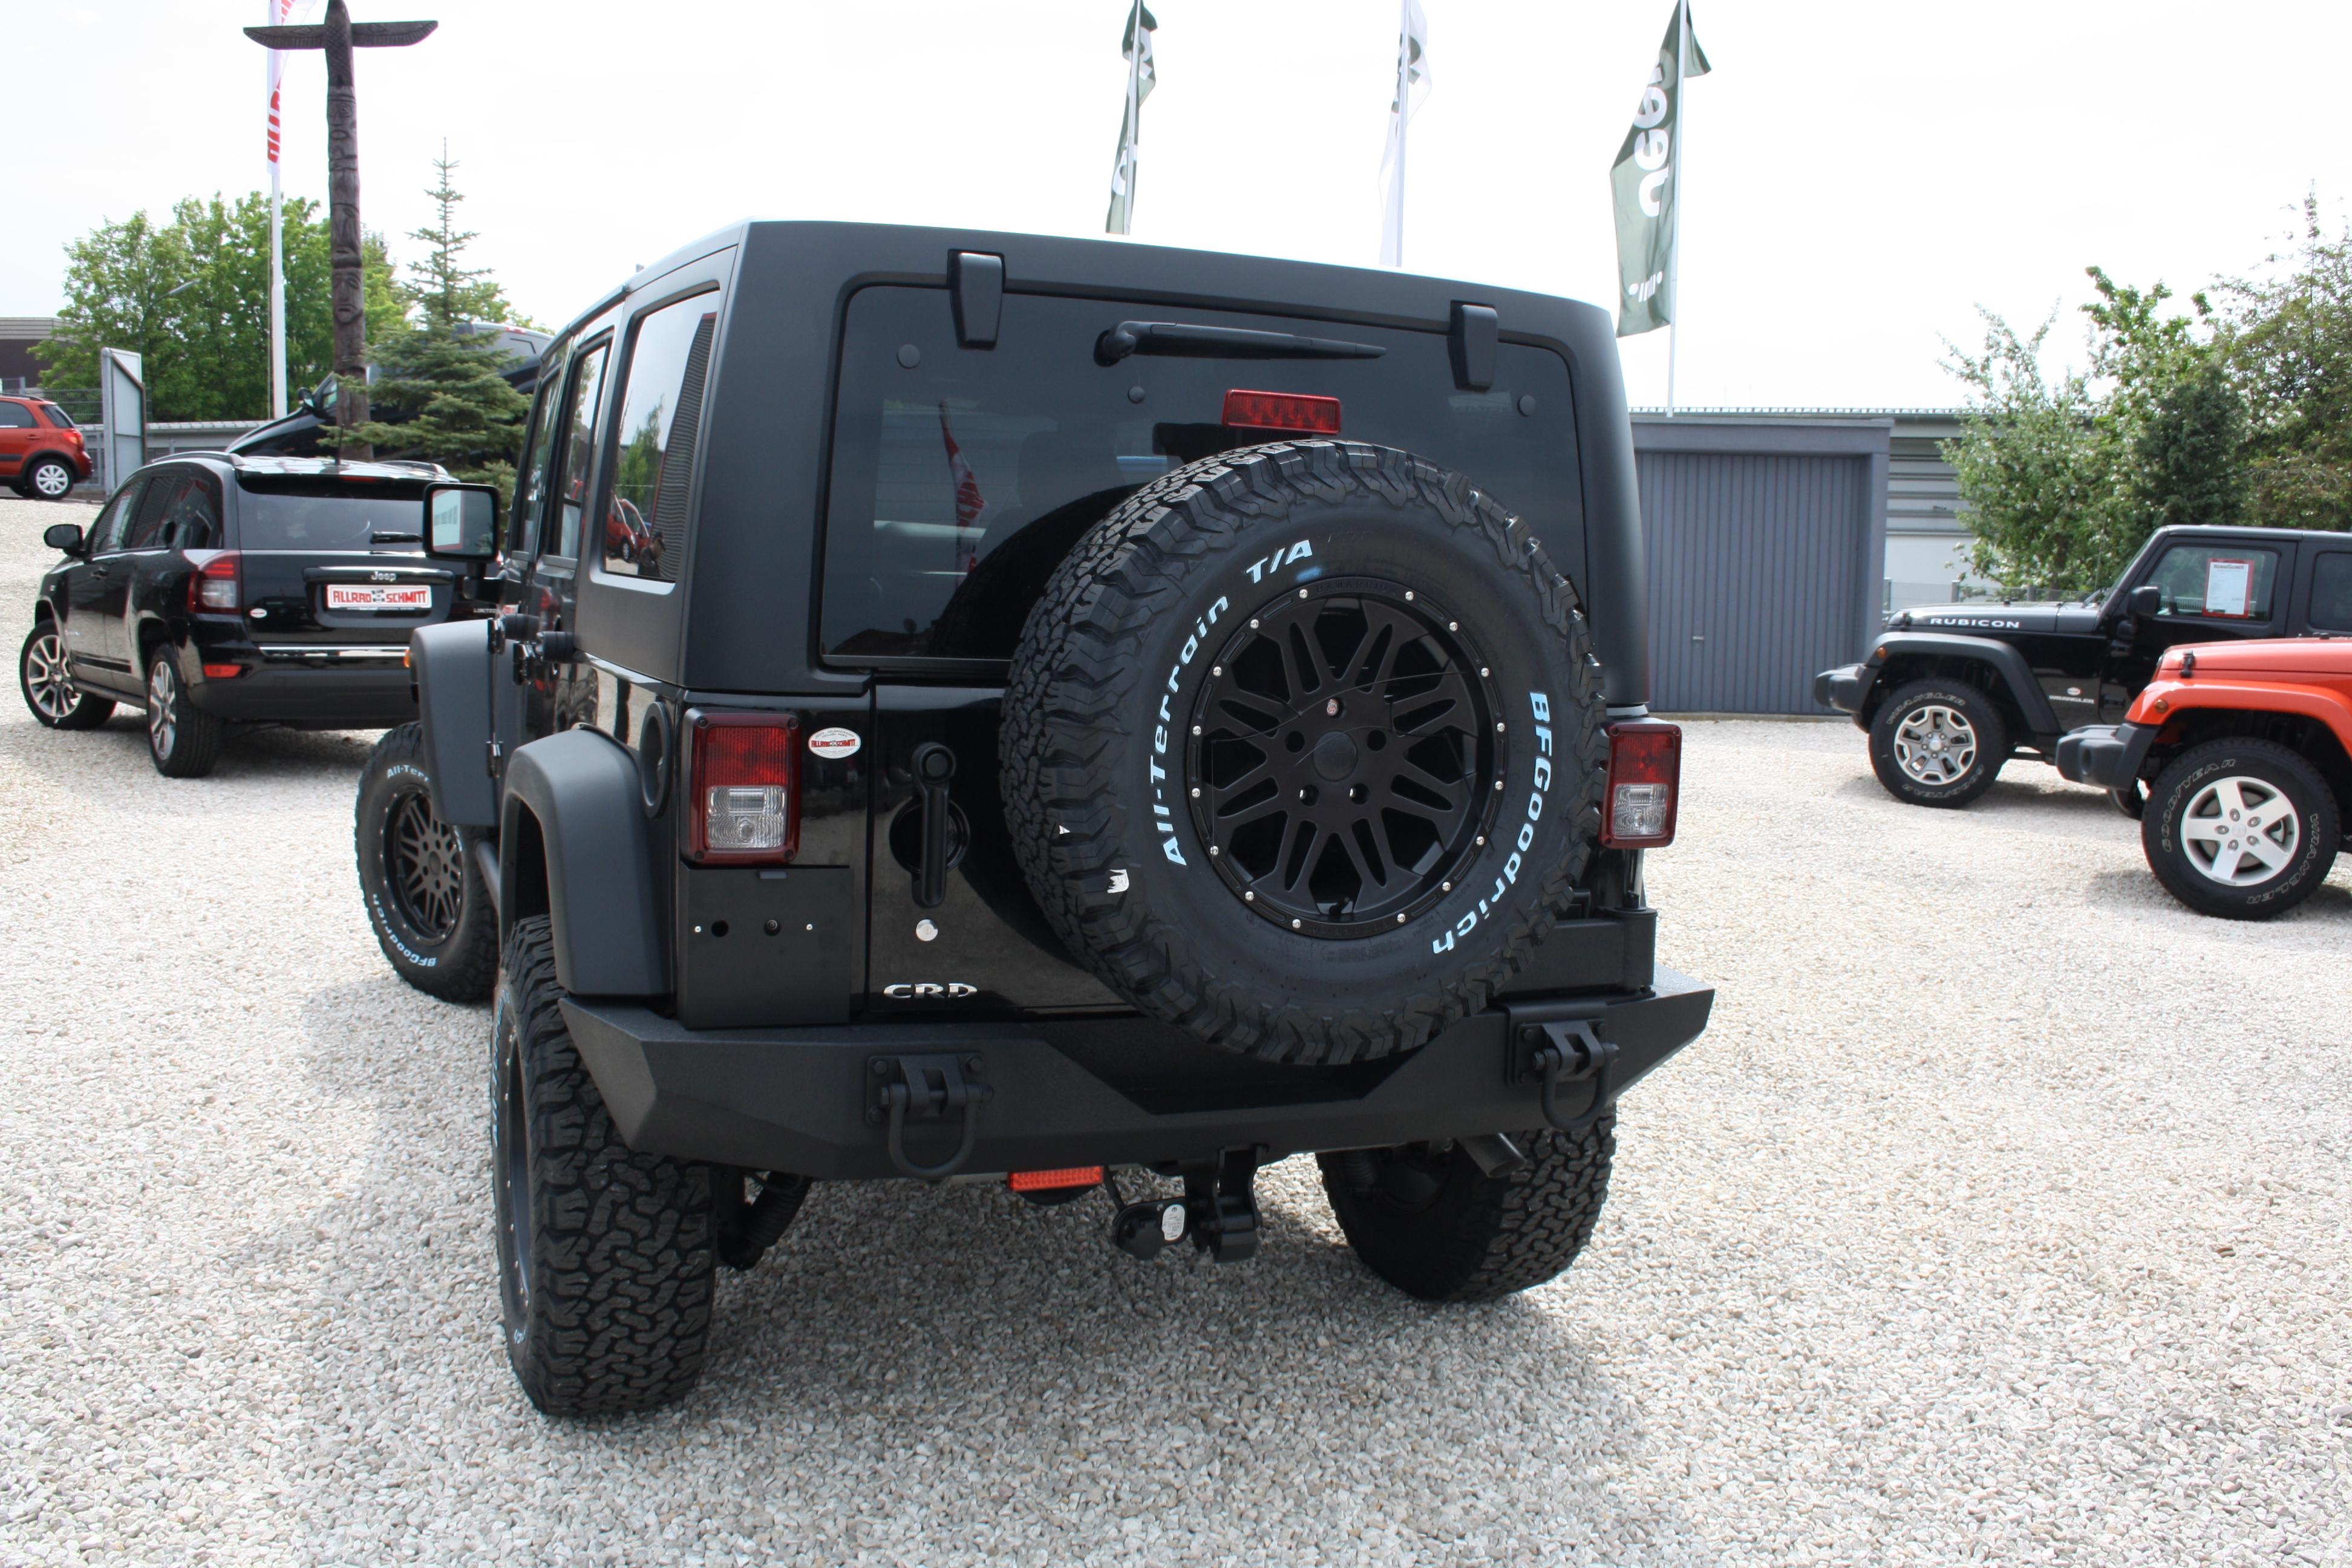 kennzeichenhalter f r jeep wrangler jk online kaufen allrad schmitt professional offroad shop. Black Bedroom Furniture Sets. Home Design Ideas